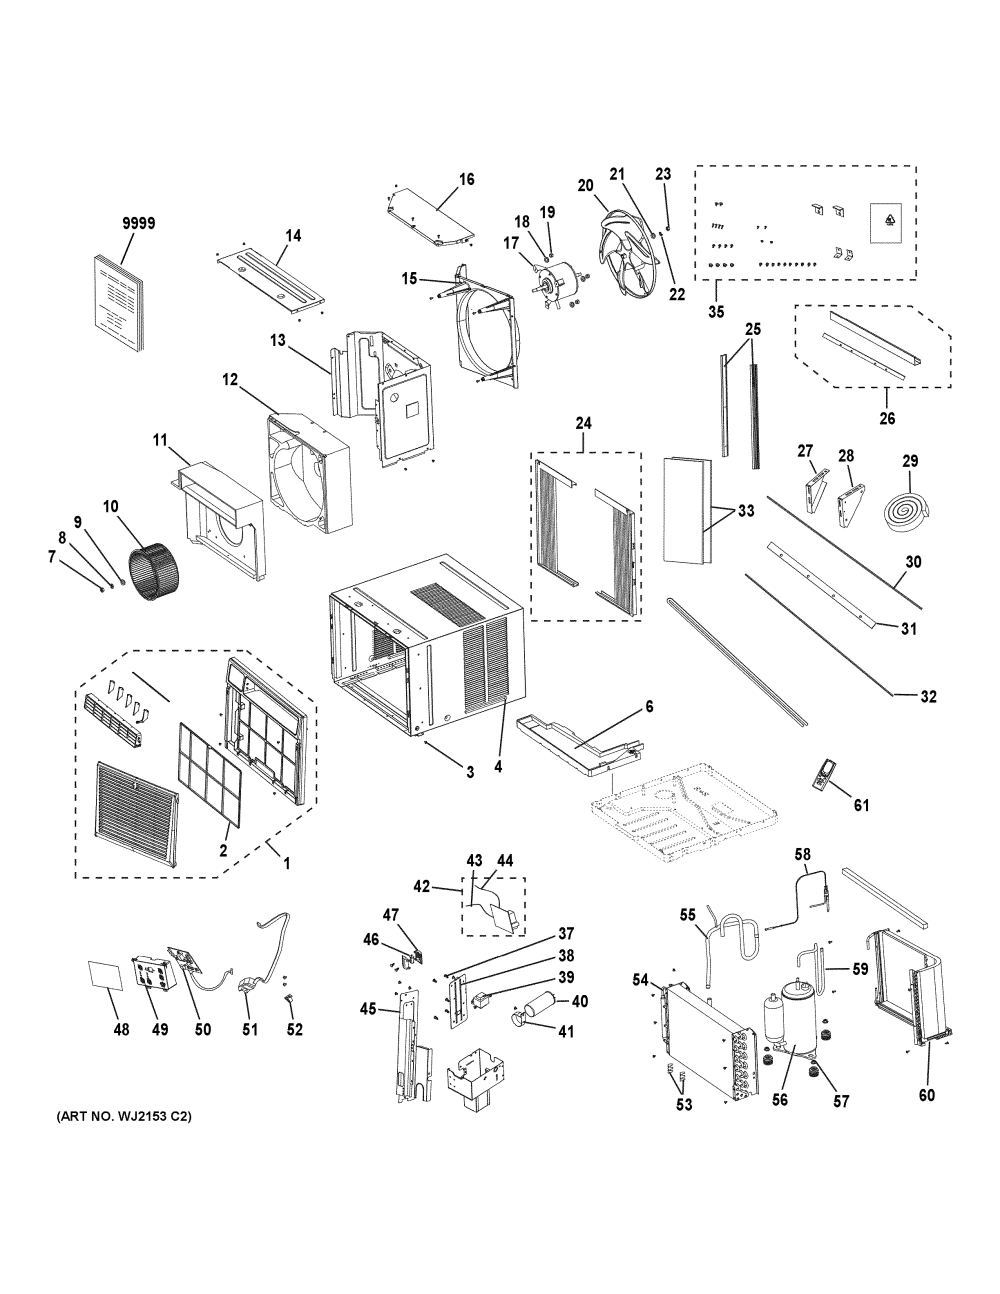 medium resolution of ge ahs14axl1 room air conditioner diagram